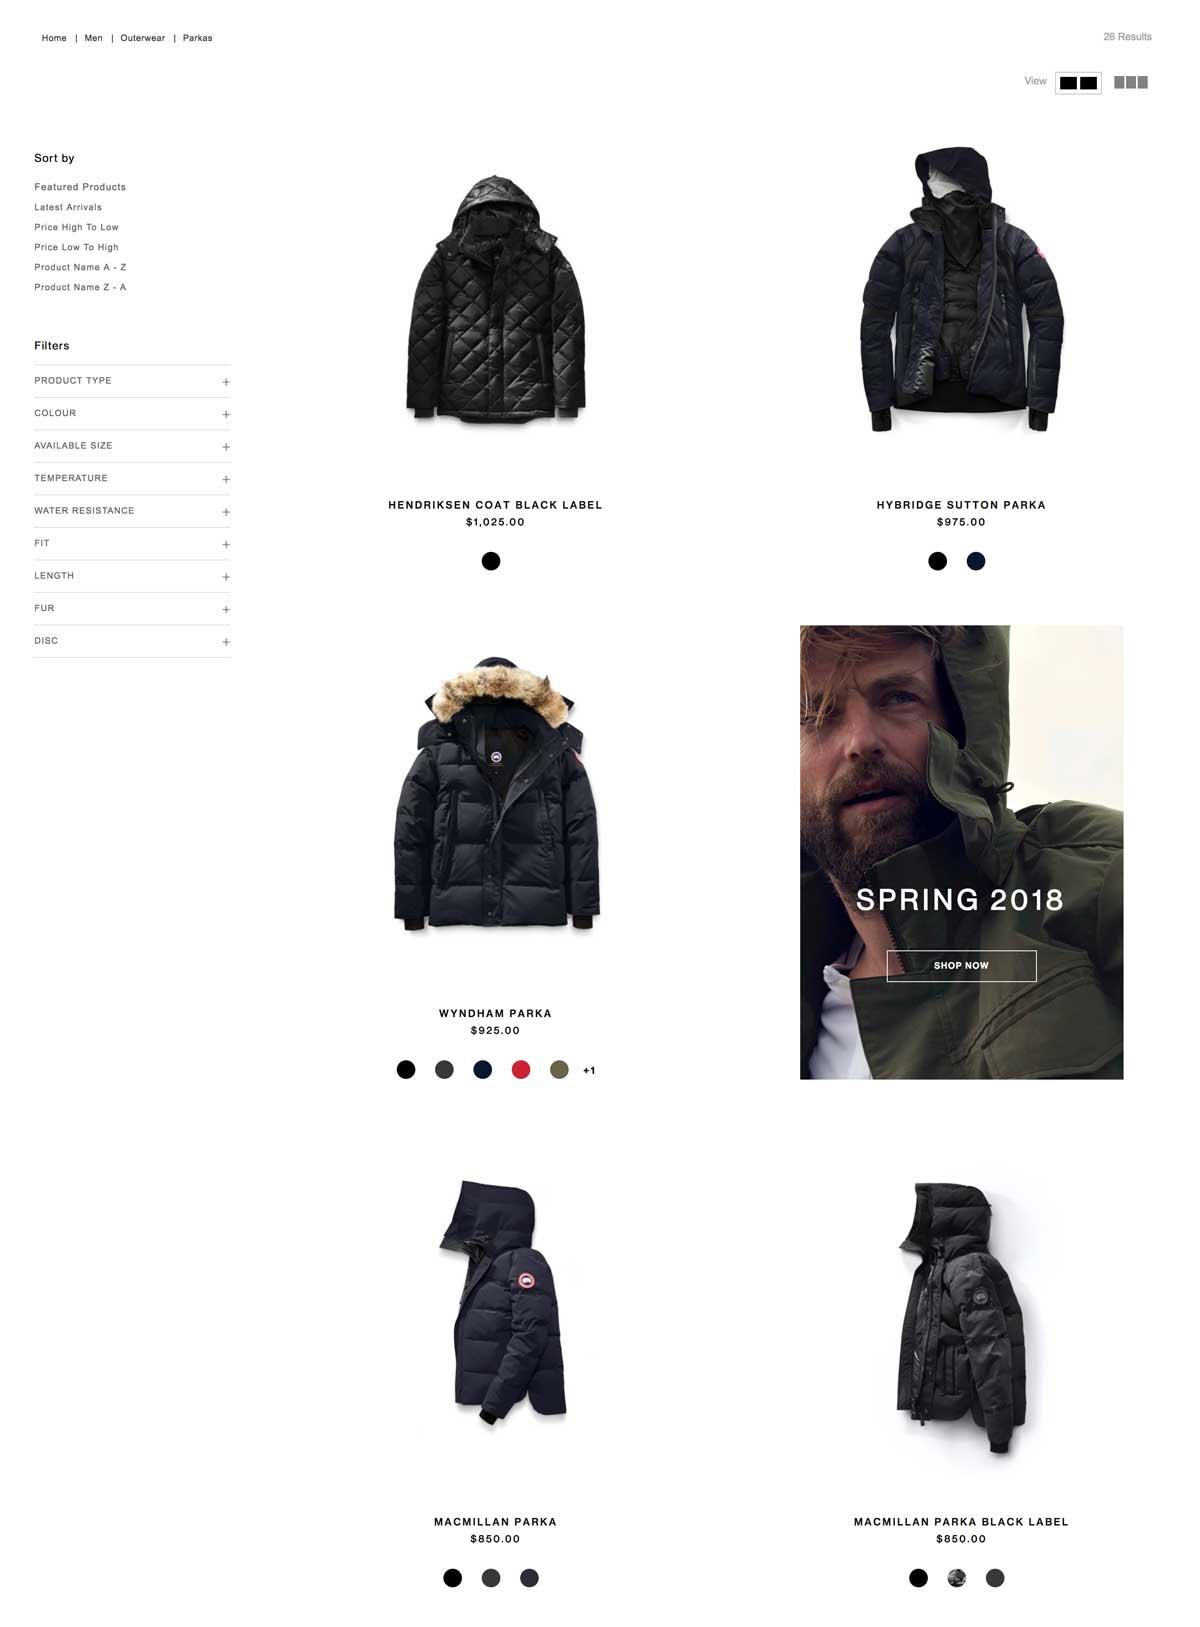 Ideale Anzahl an angezeigter Produkte auf einer E-Commerce Produktlistenseite